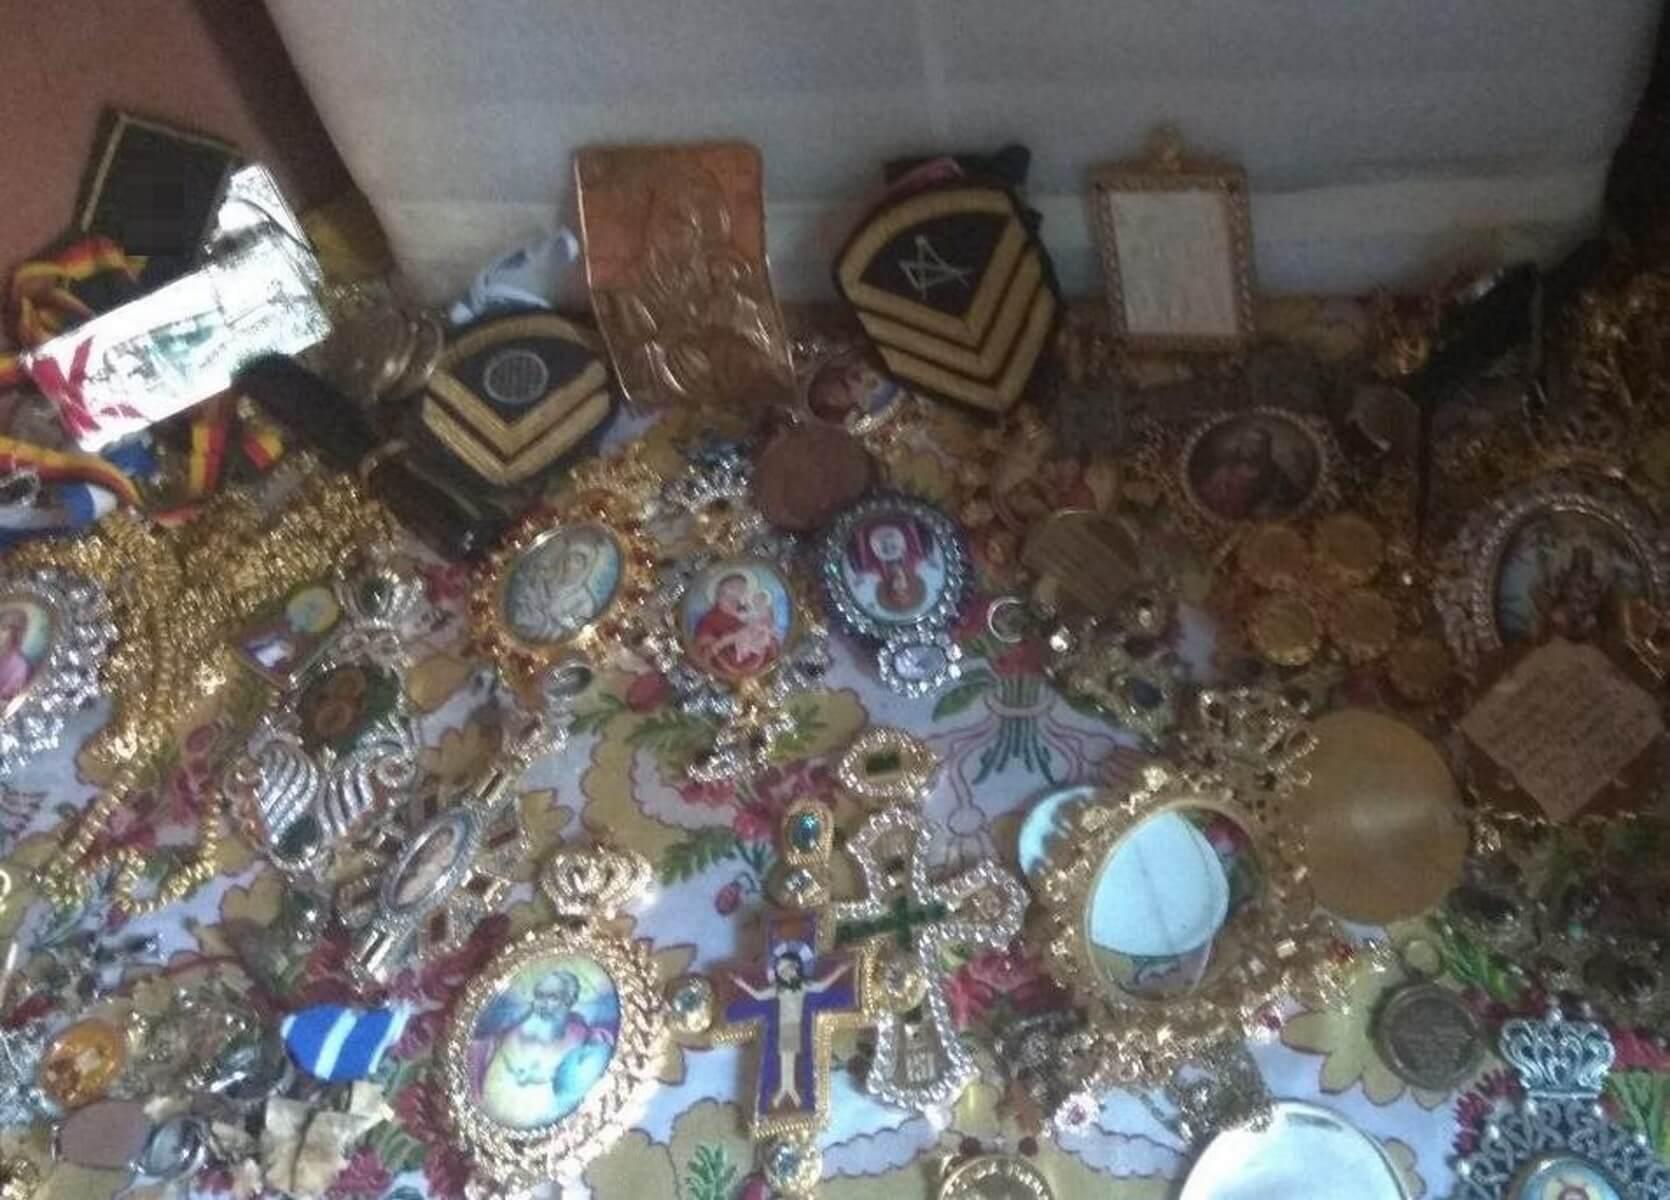 """Άγιο Όρος: Αυτοκρατορικά κοσμήματα, χρυσά περιδέραια και χιλιάδες ευρώ – Νέες αποκαλύψεις για τον """"ποντικό"""" [pics]"""